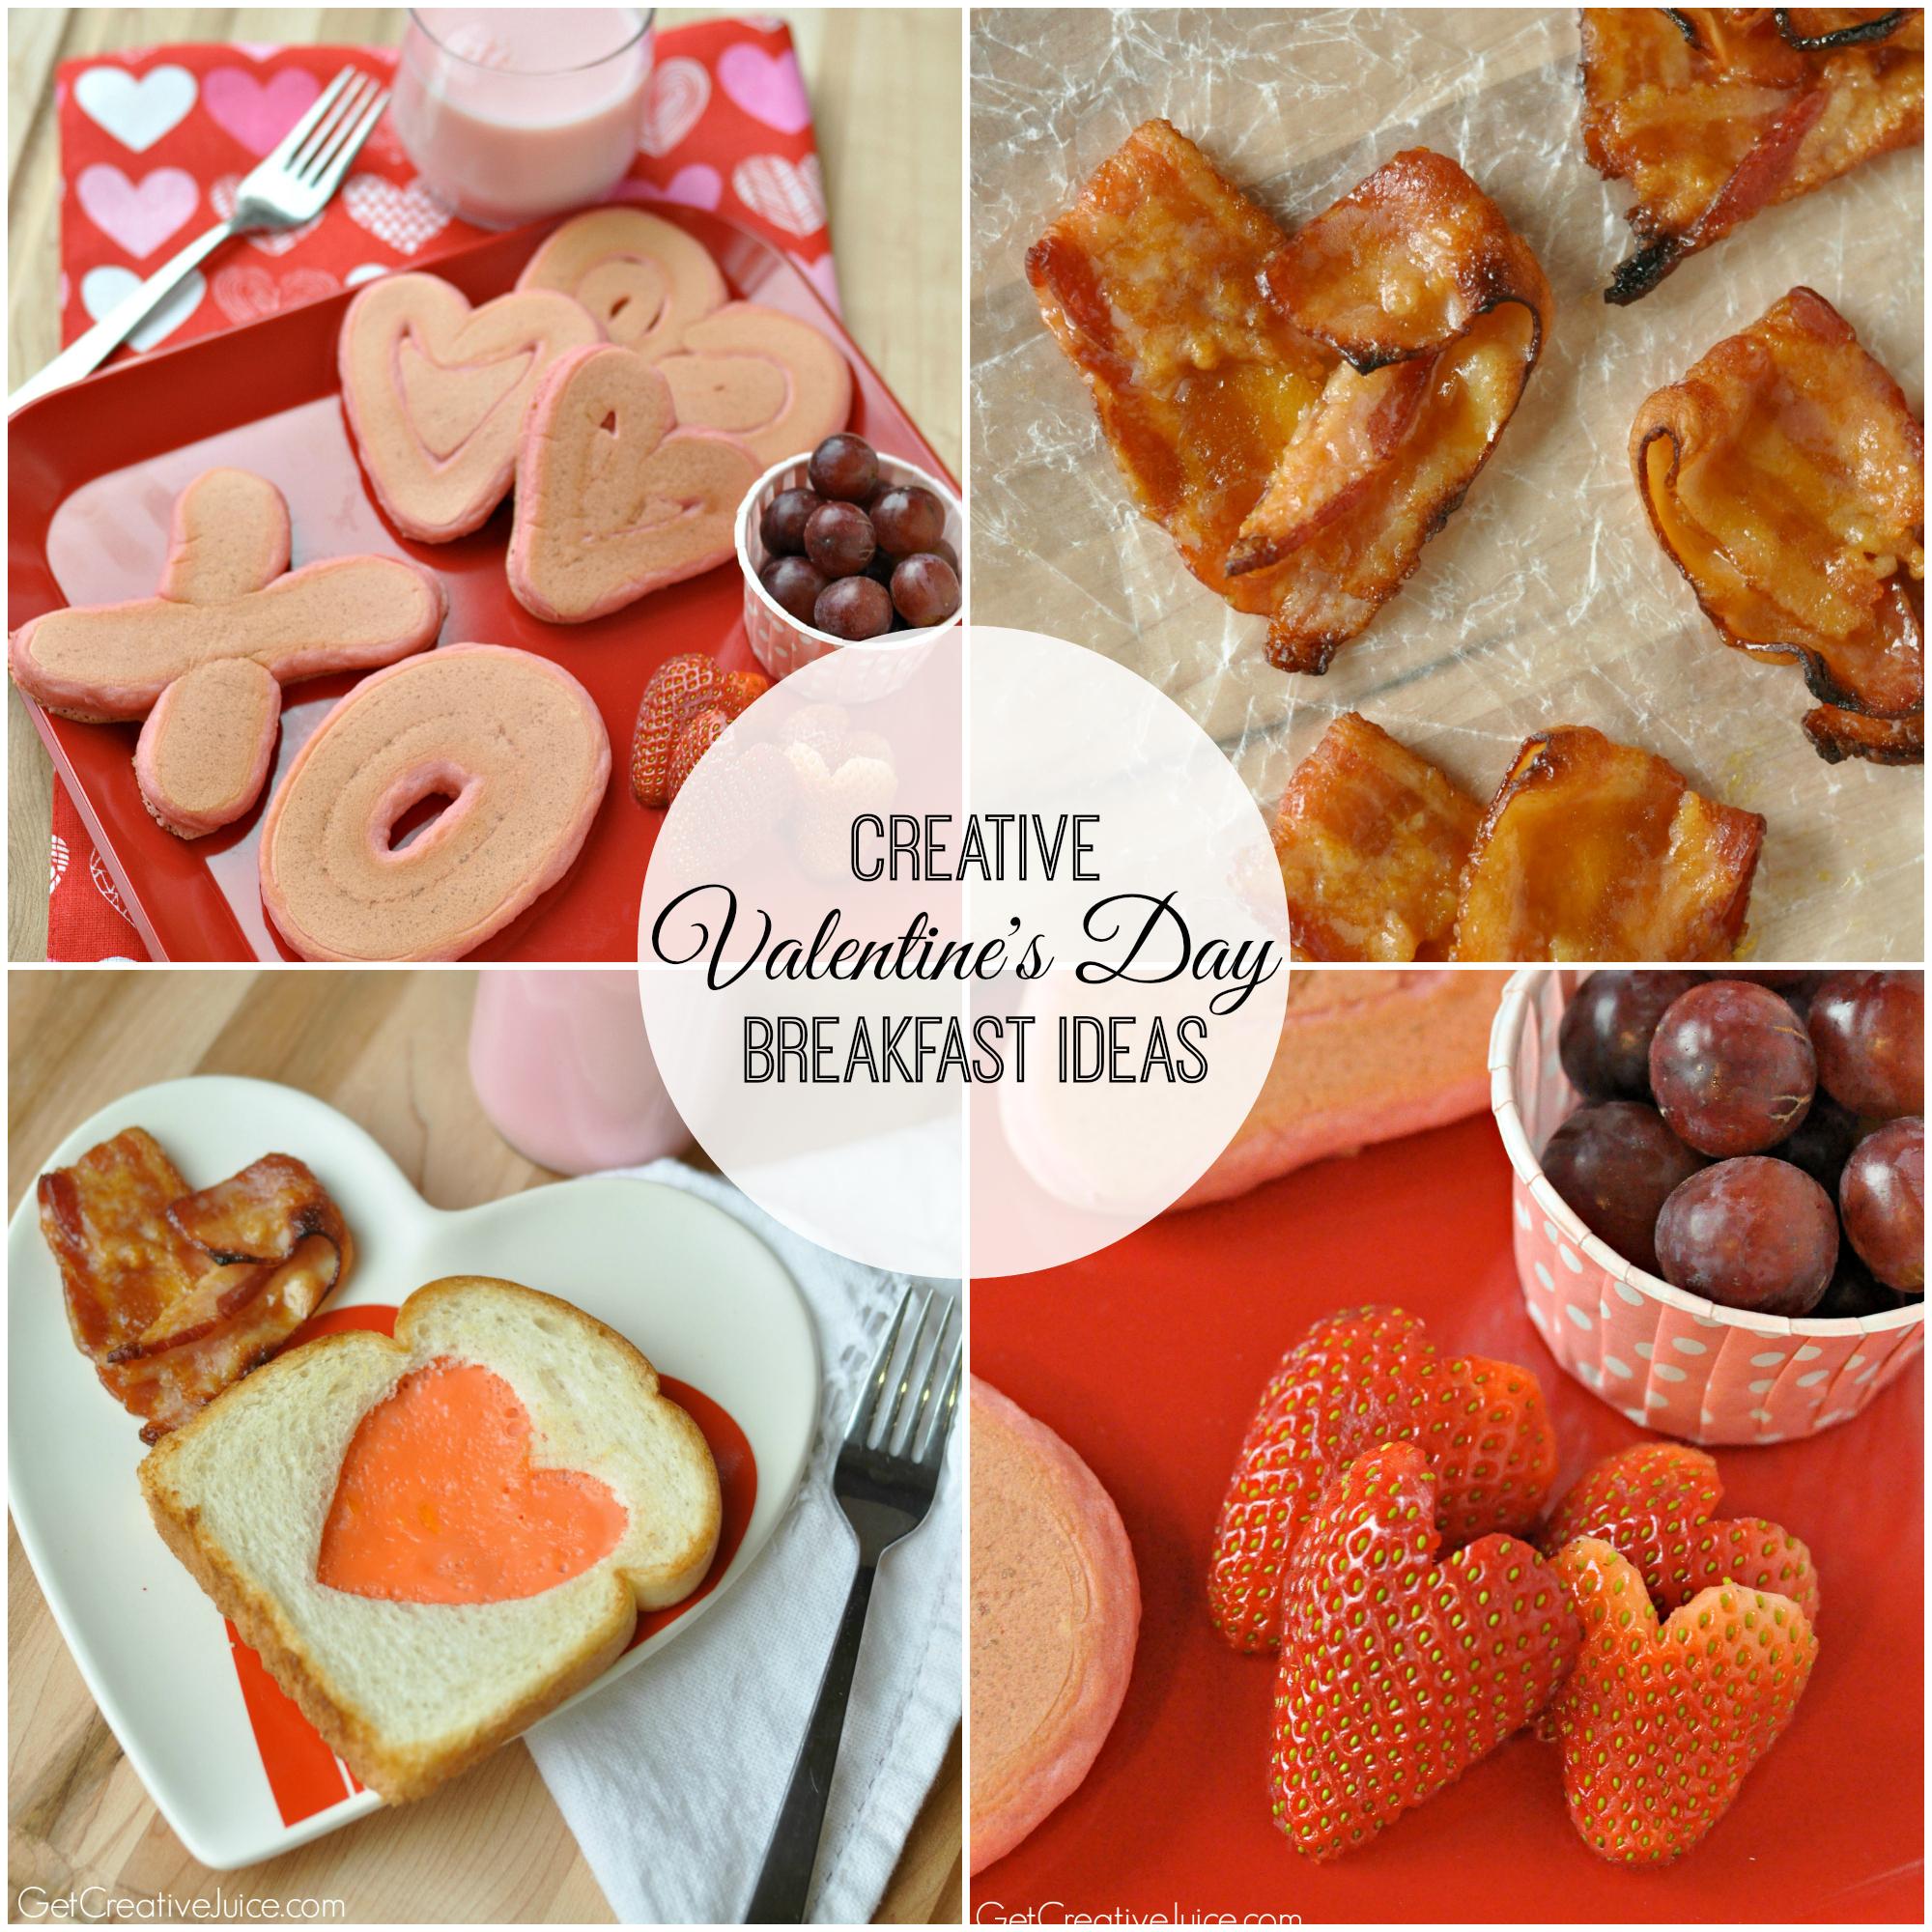 Valentine's Day Breakfast Ideas